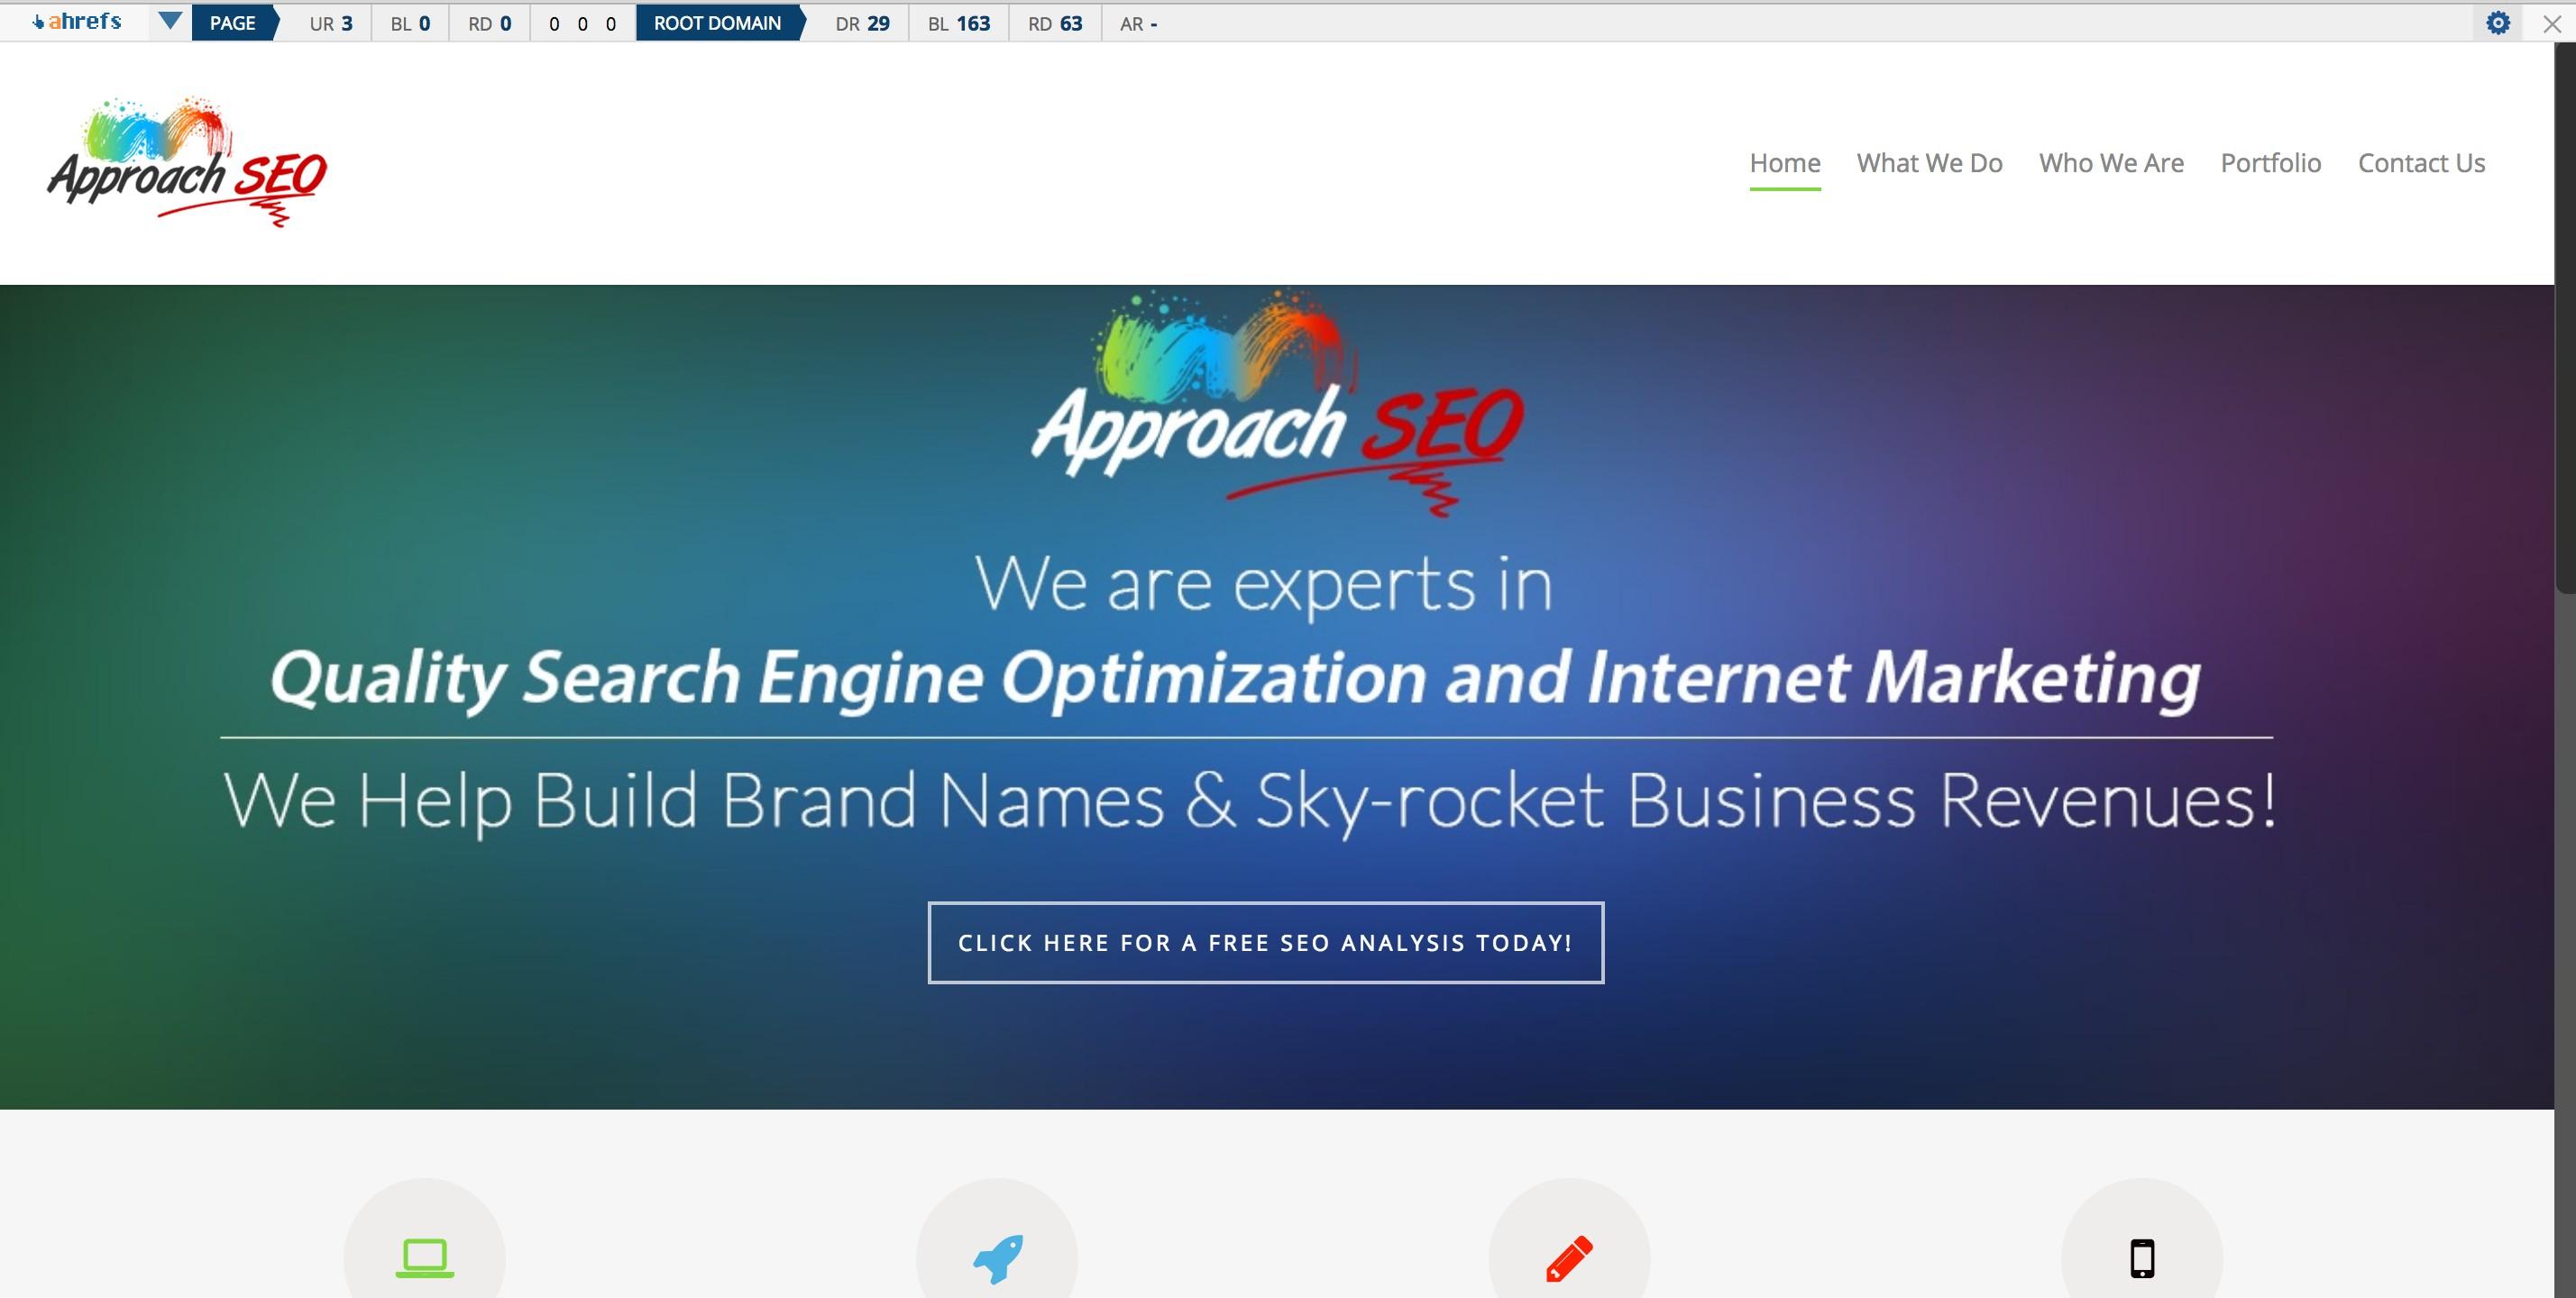 Approach SEO - San Diego SEO Agency | LinkedIn